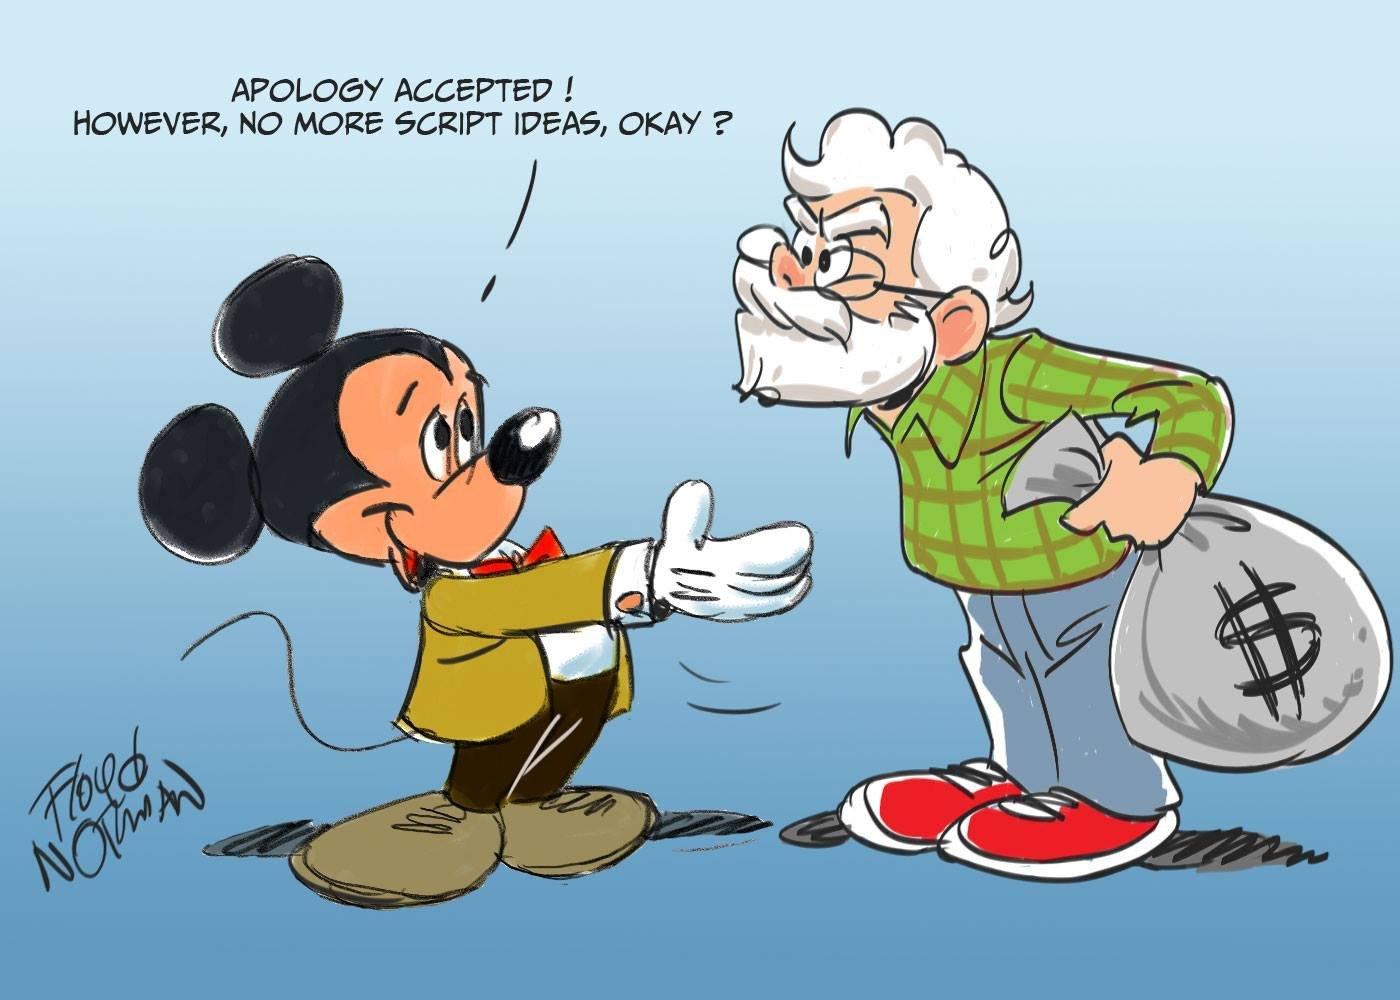 cartunista da disney provoca george lucas em série de charges